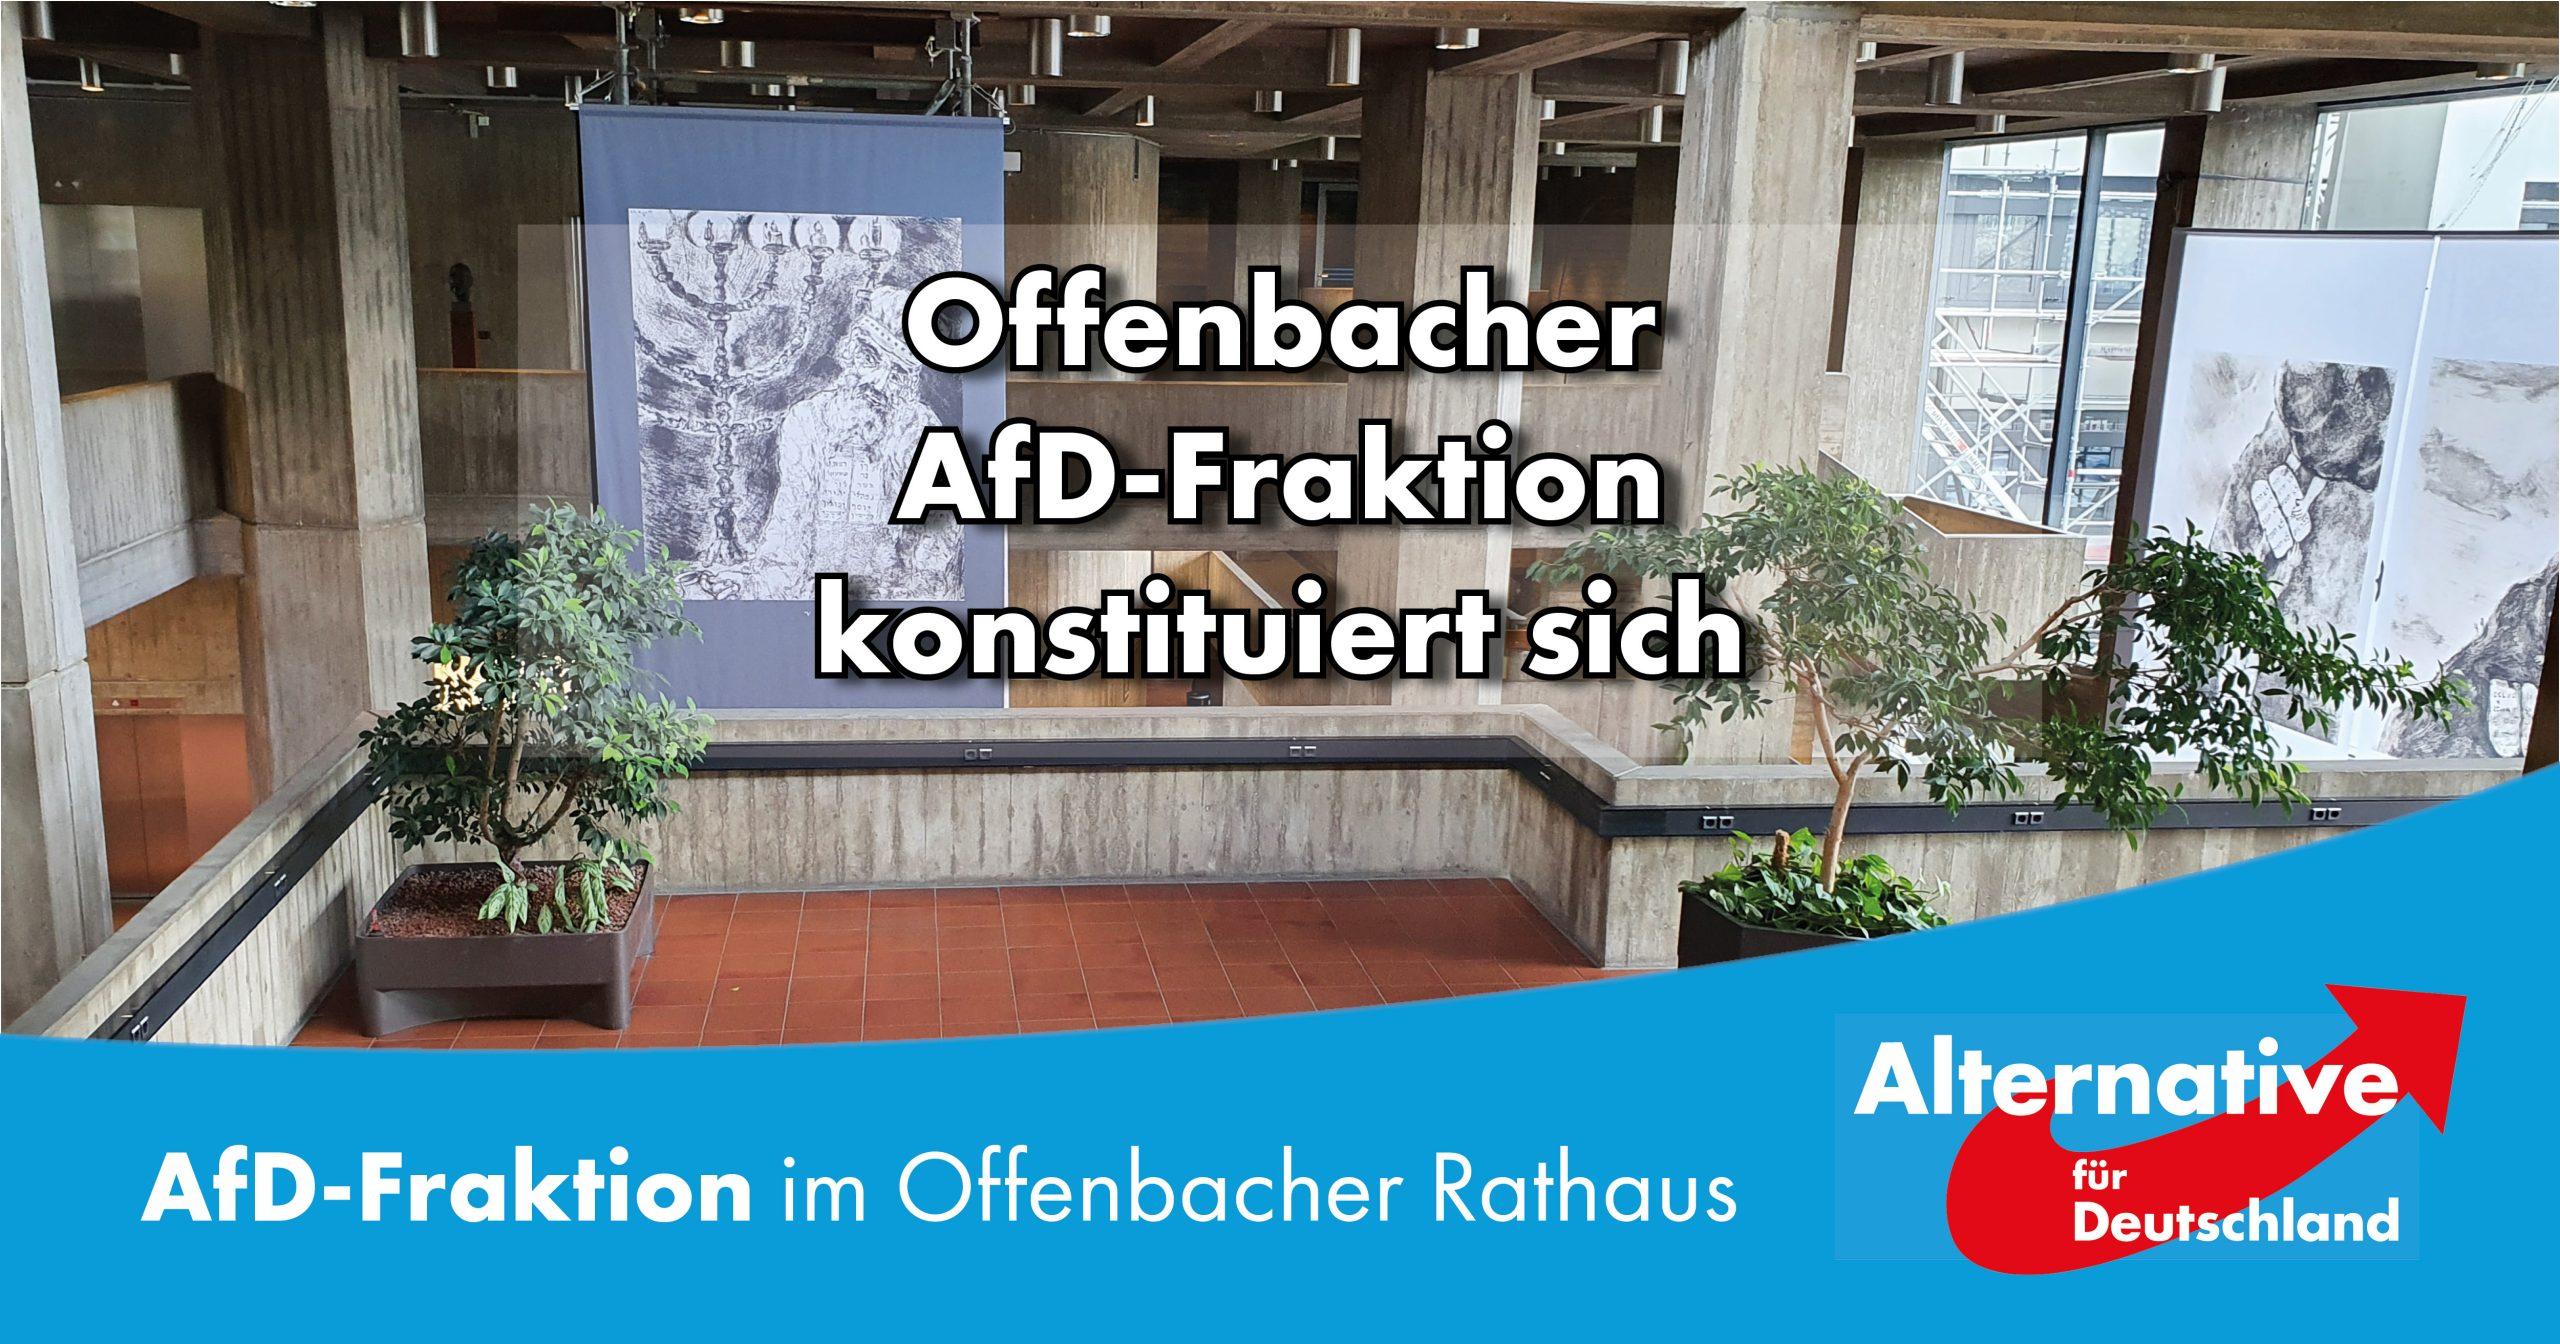 Konstituierung der Offenbacher AfD Fraktion